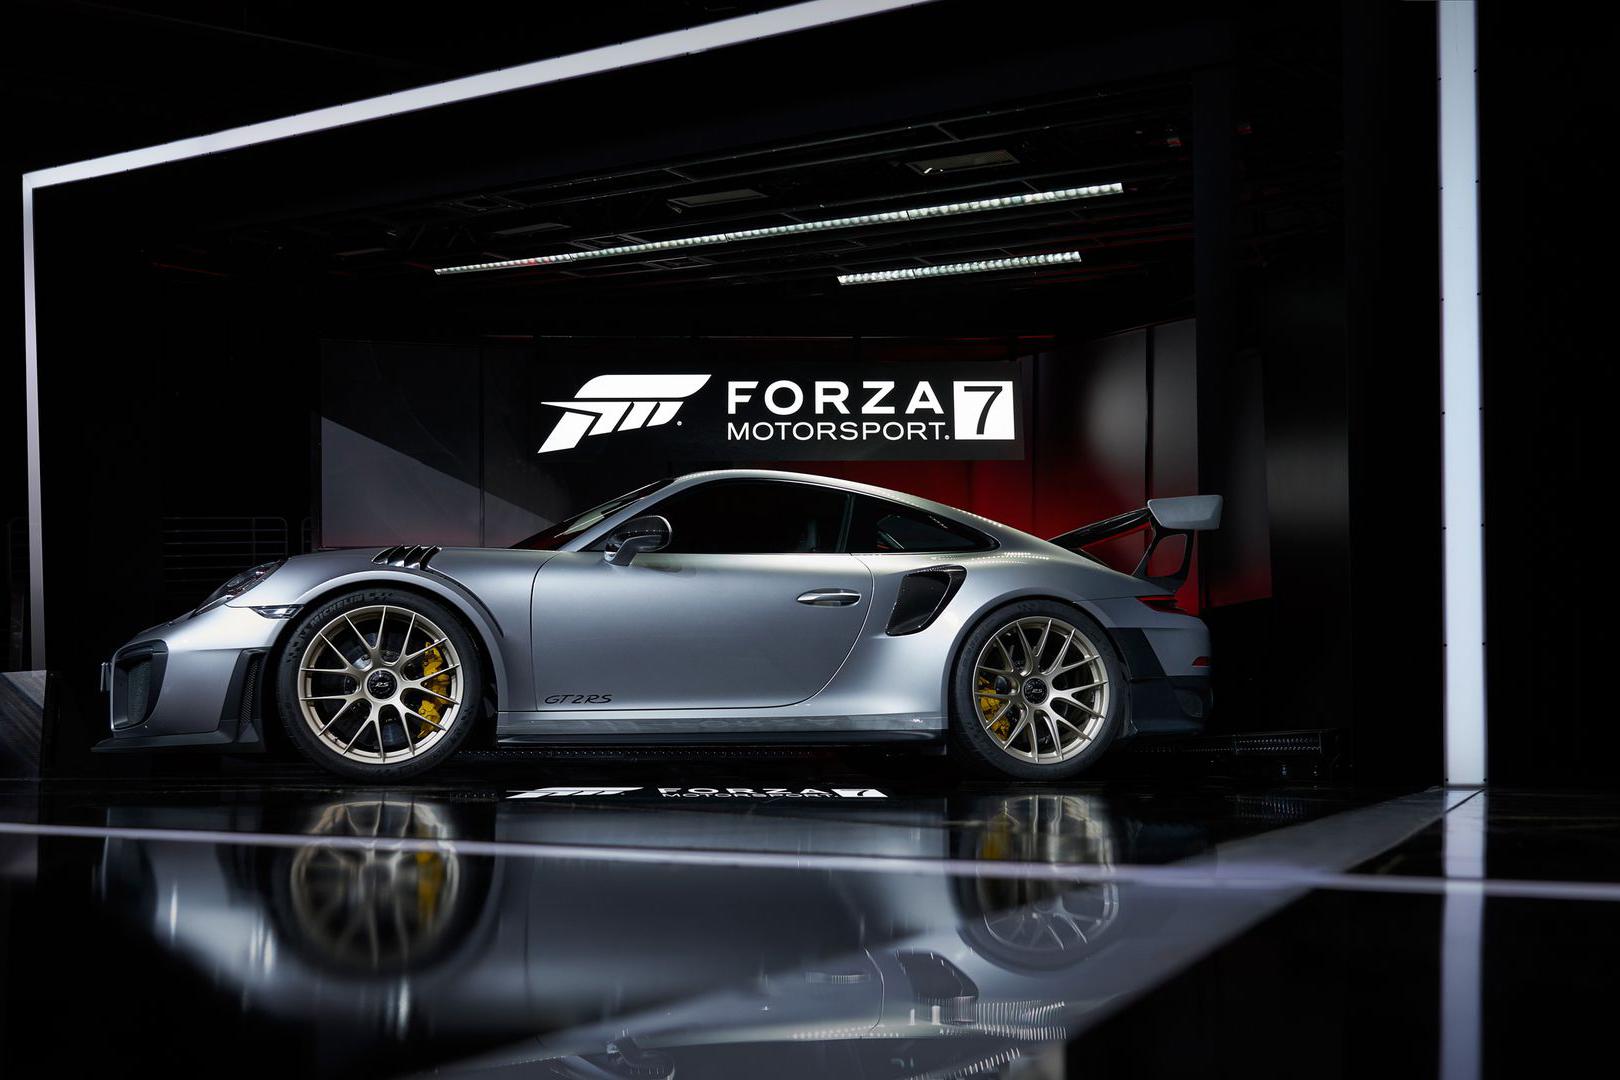 【新事】電玩上身,911 GT2 RS聽說還沒開賣就賣完?